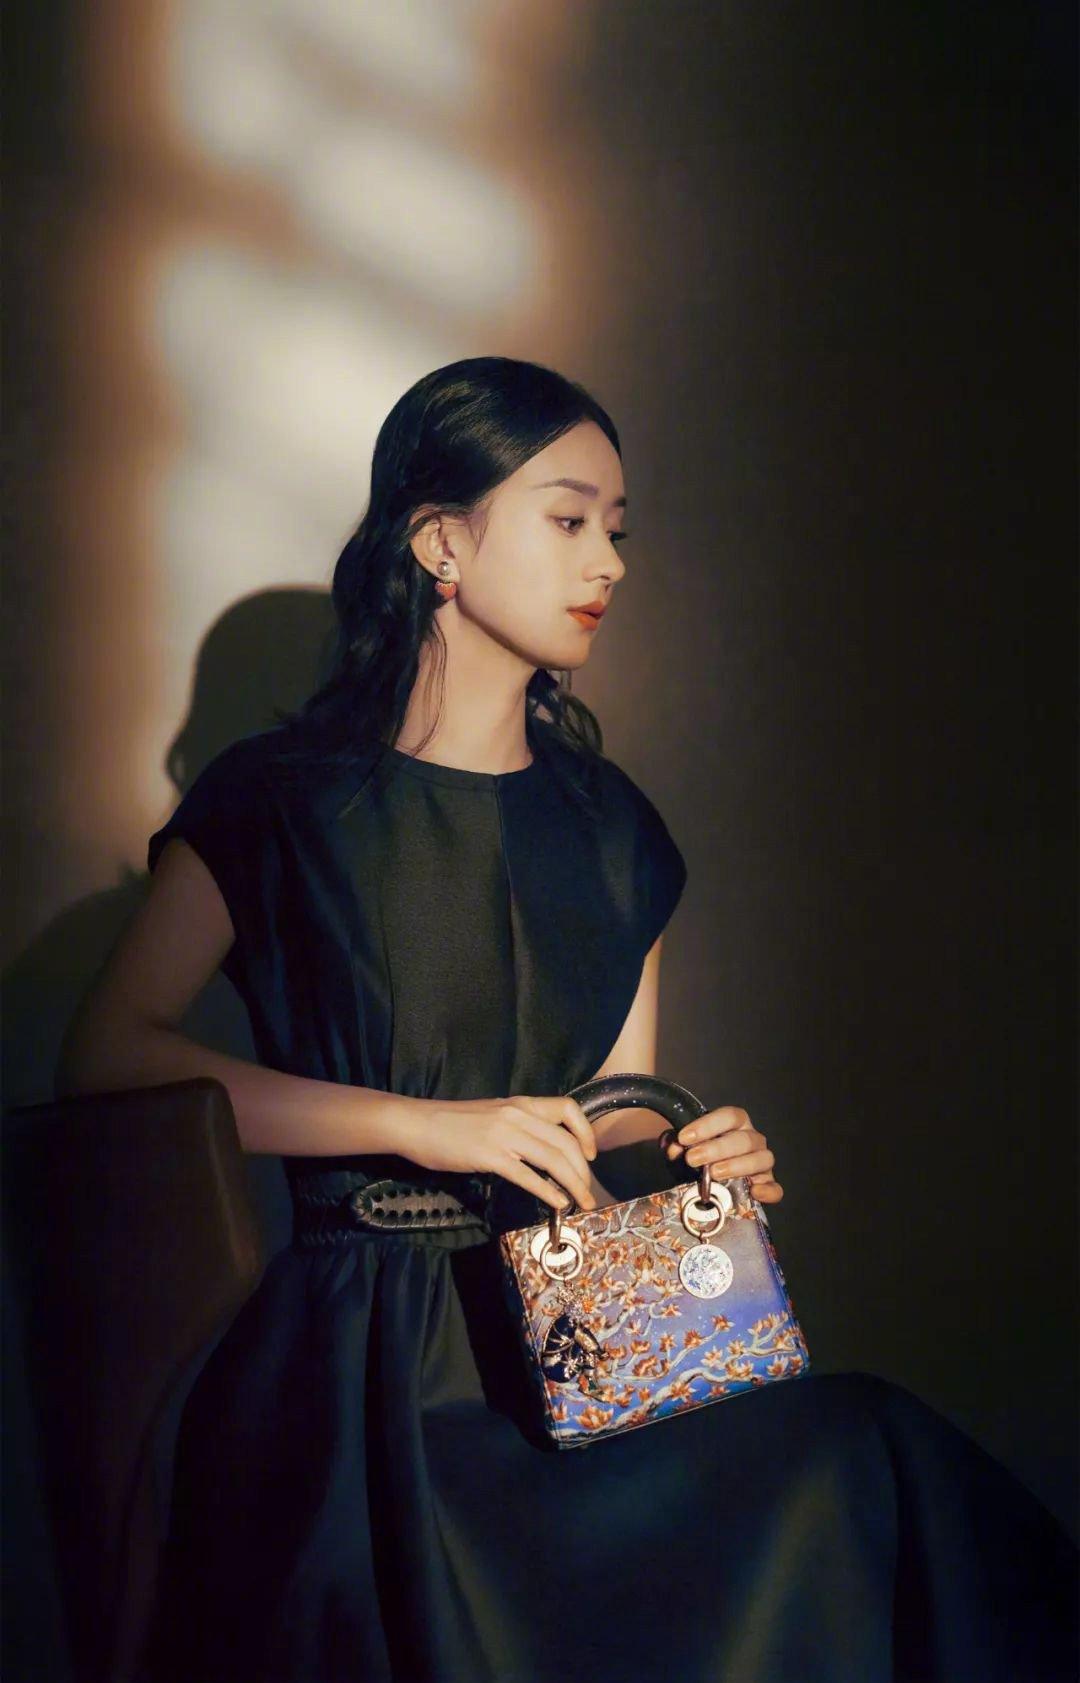 Triệu Lệ Dĩnh đích thị 'nàng thơ' Dior, riêng khoản lên đồ hiếm mỹ nhân Cbiz nào qua được 12